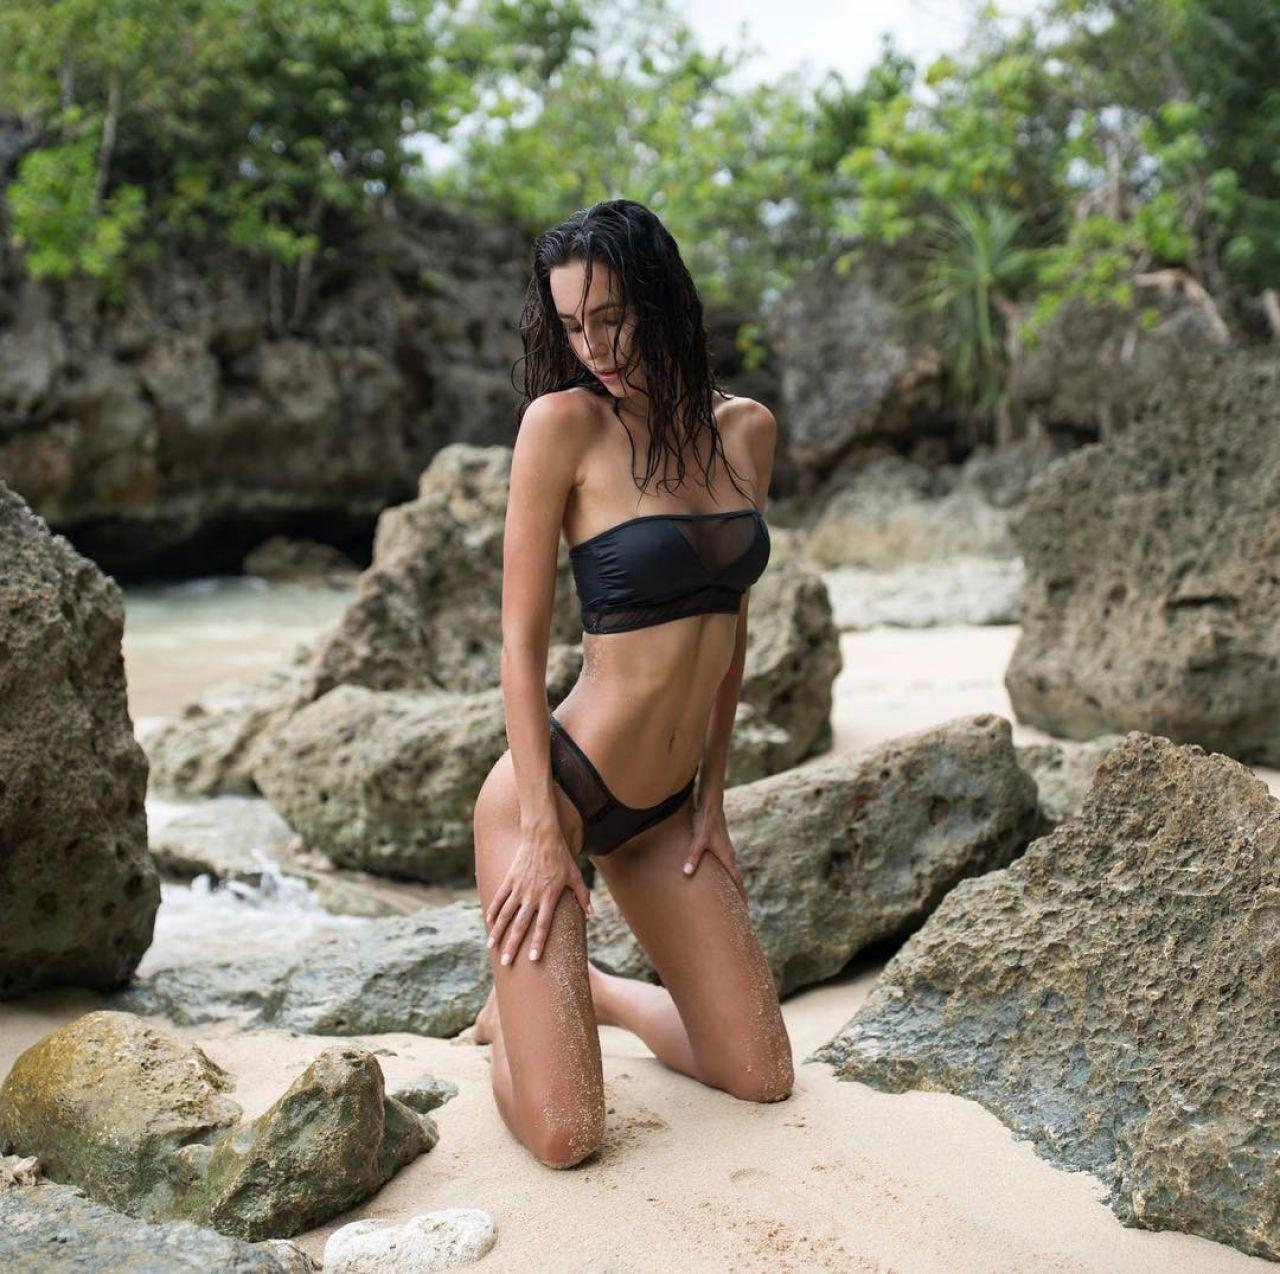 Bikini Amanda Pizziconi nudes (37 foto and video), Sexy, Cleavage, Instagram, butt 2017